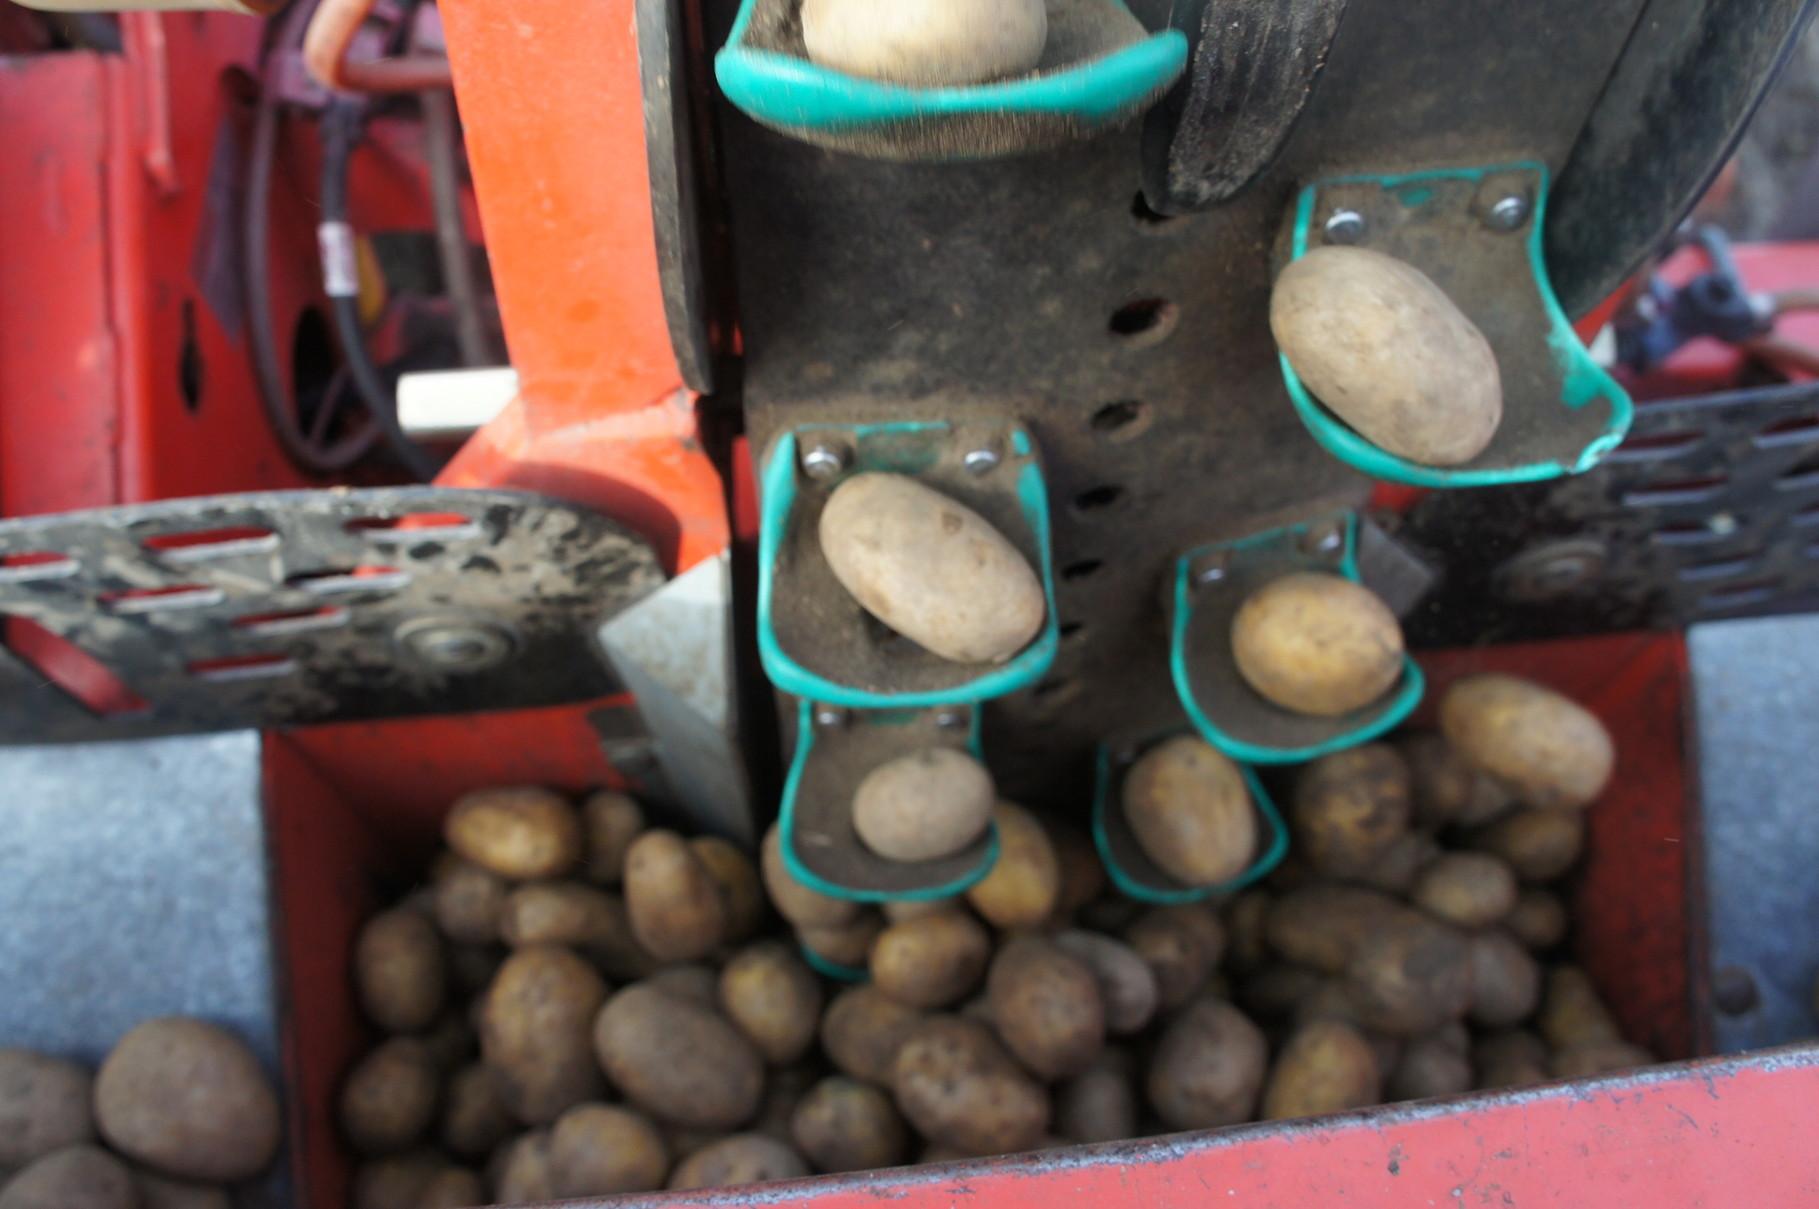 Kartoffelpflanzung-über einen Becher werden die Kartoffeln aus dem Bunker entnommen